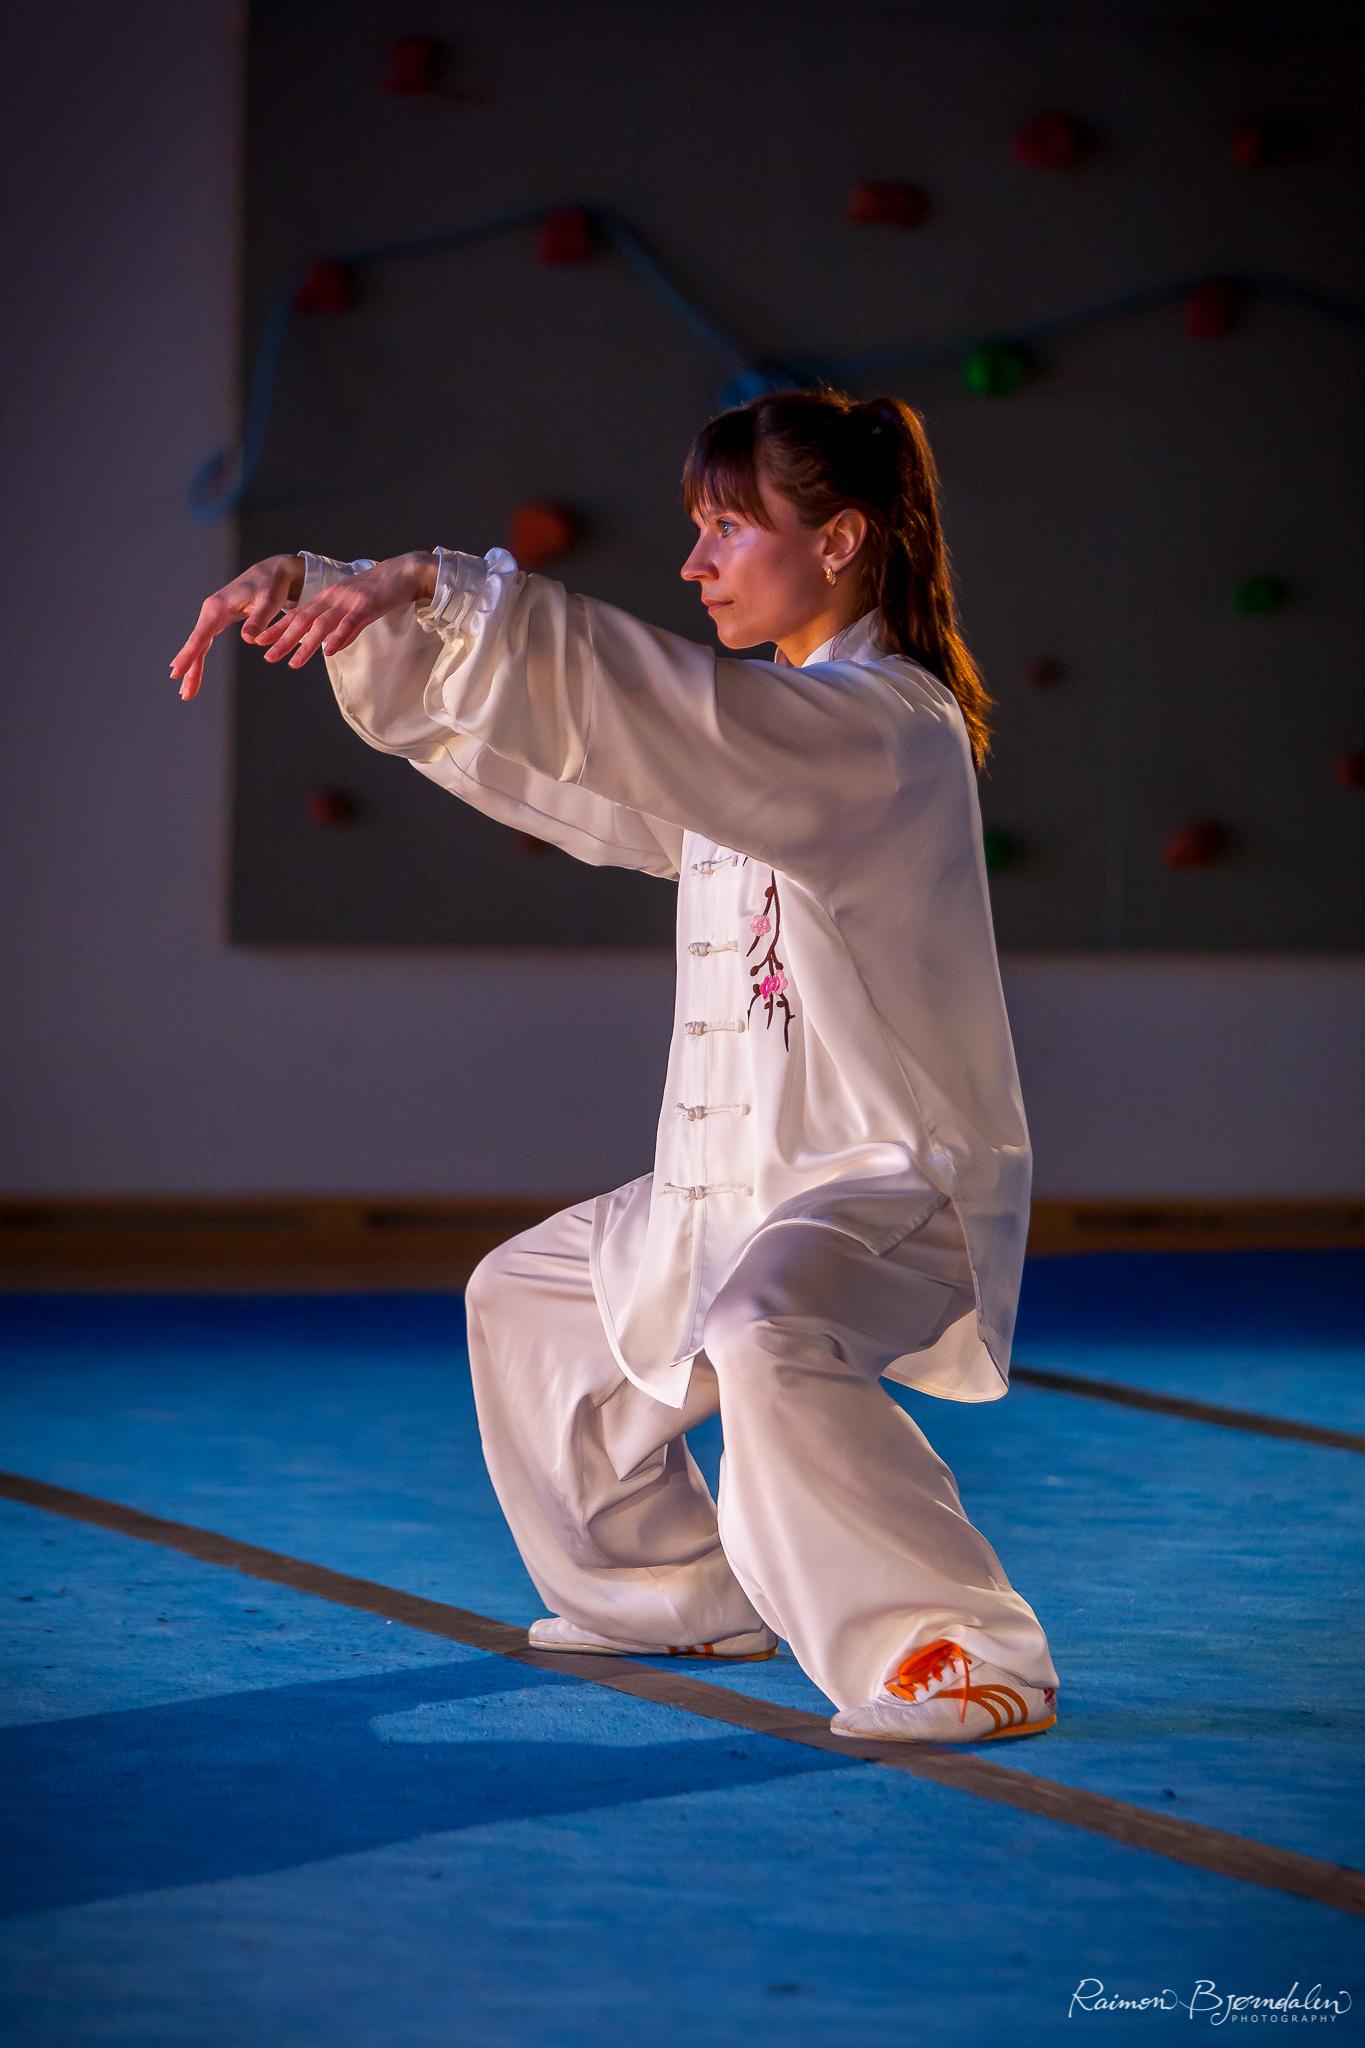 Taichi during Oslo Open Wushu 2015.